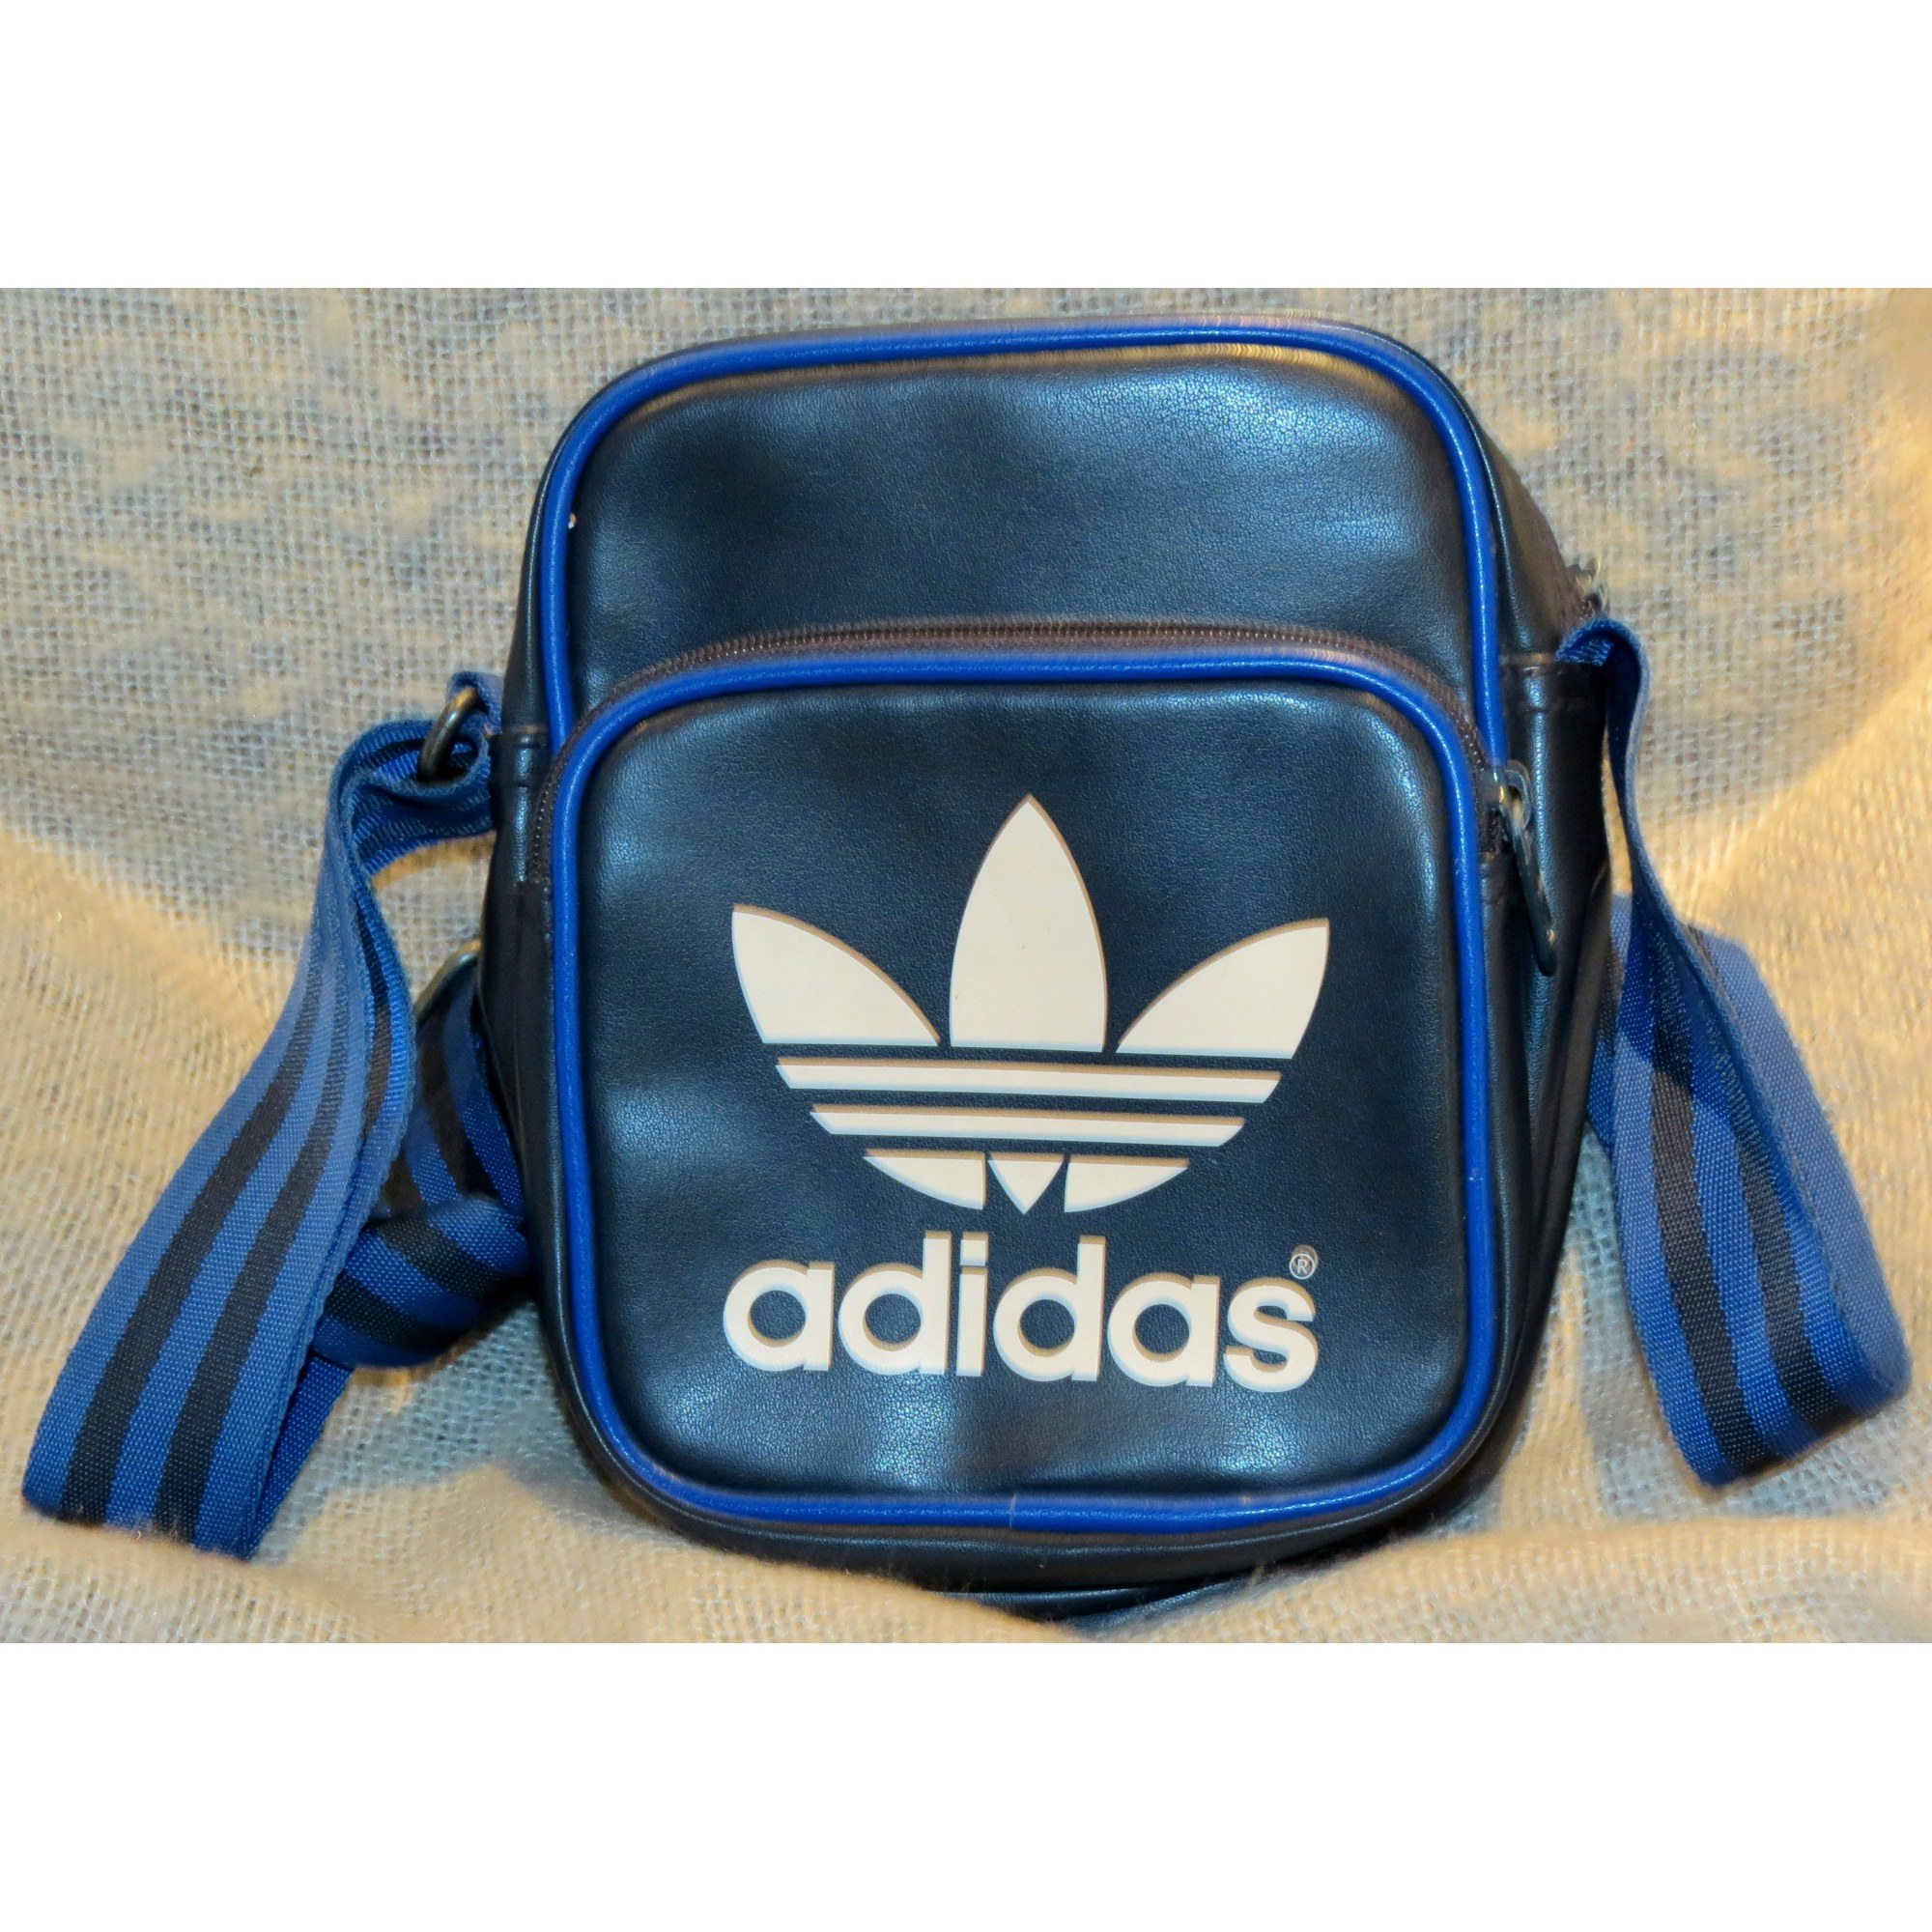 Adidas Marine Noir Et Bleu Sac bf6ymgvY7I